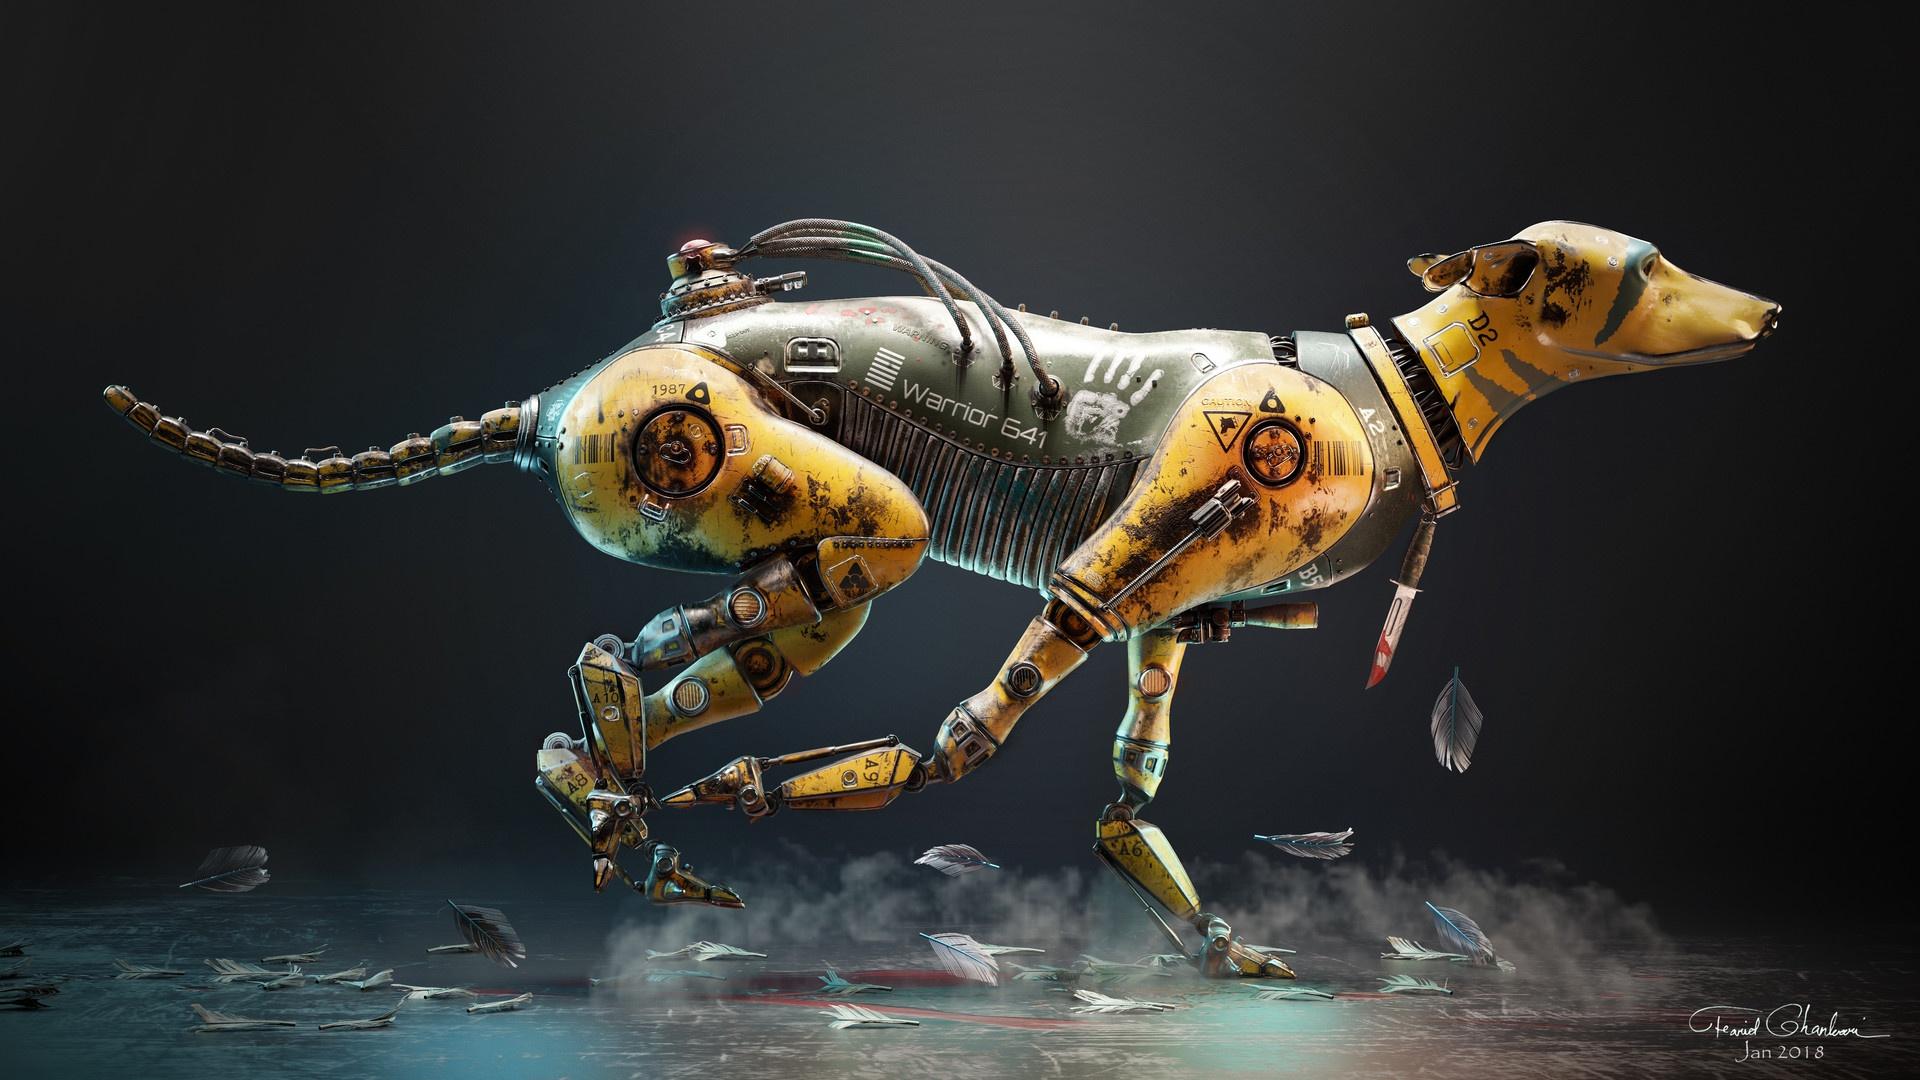 денежные механическая собака картинки километров сто метров